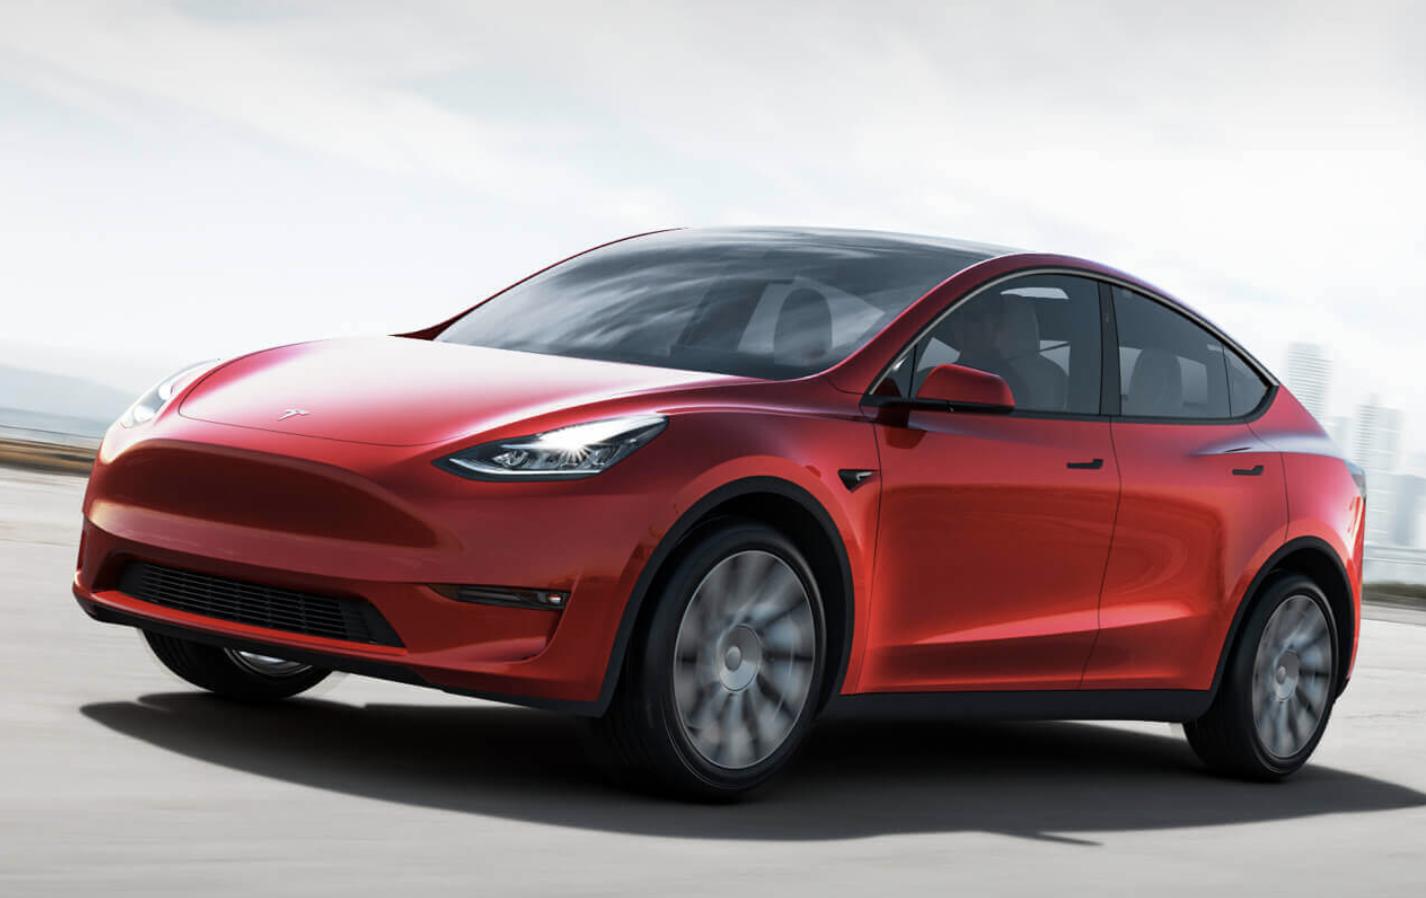 Tesla Model Y Pinterest: Tesla発表の「モデルY」が超絶かっこいいと話題。サイズ的にも日本で爆売れだろこれ : IT速報